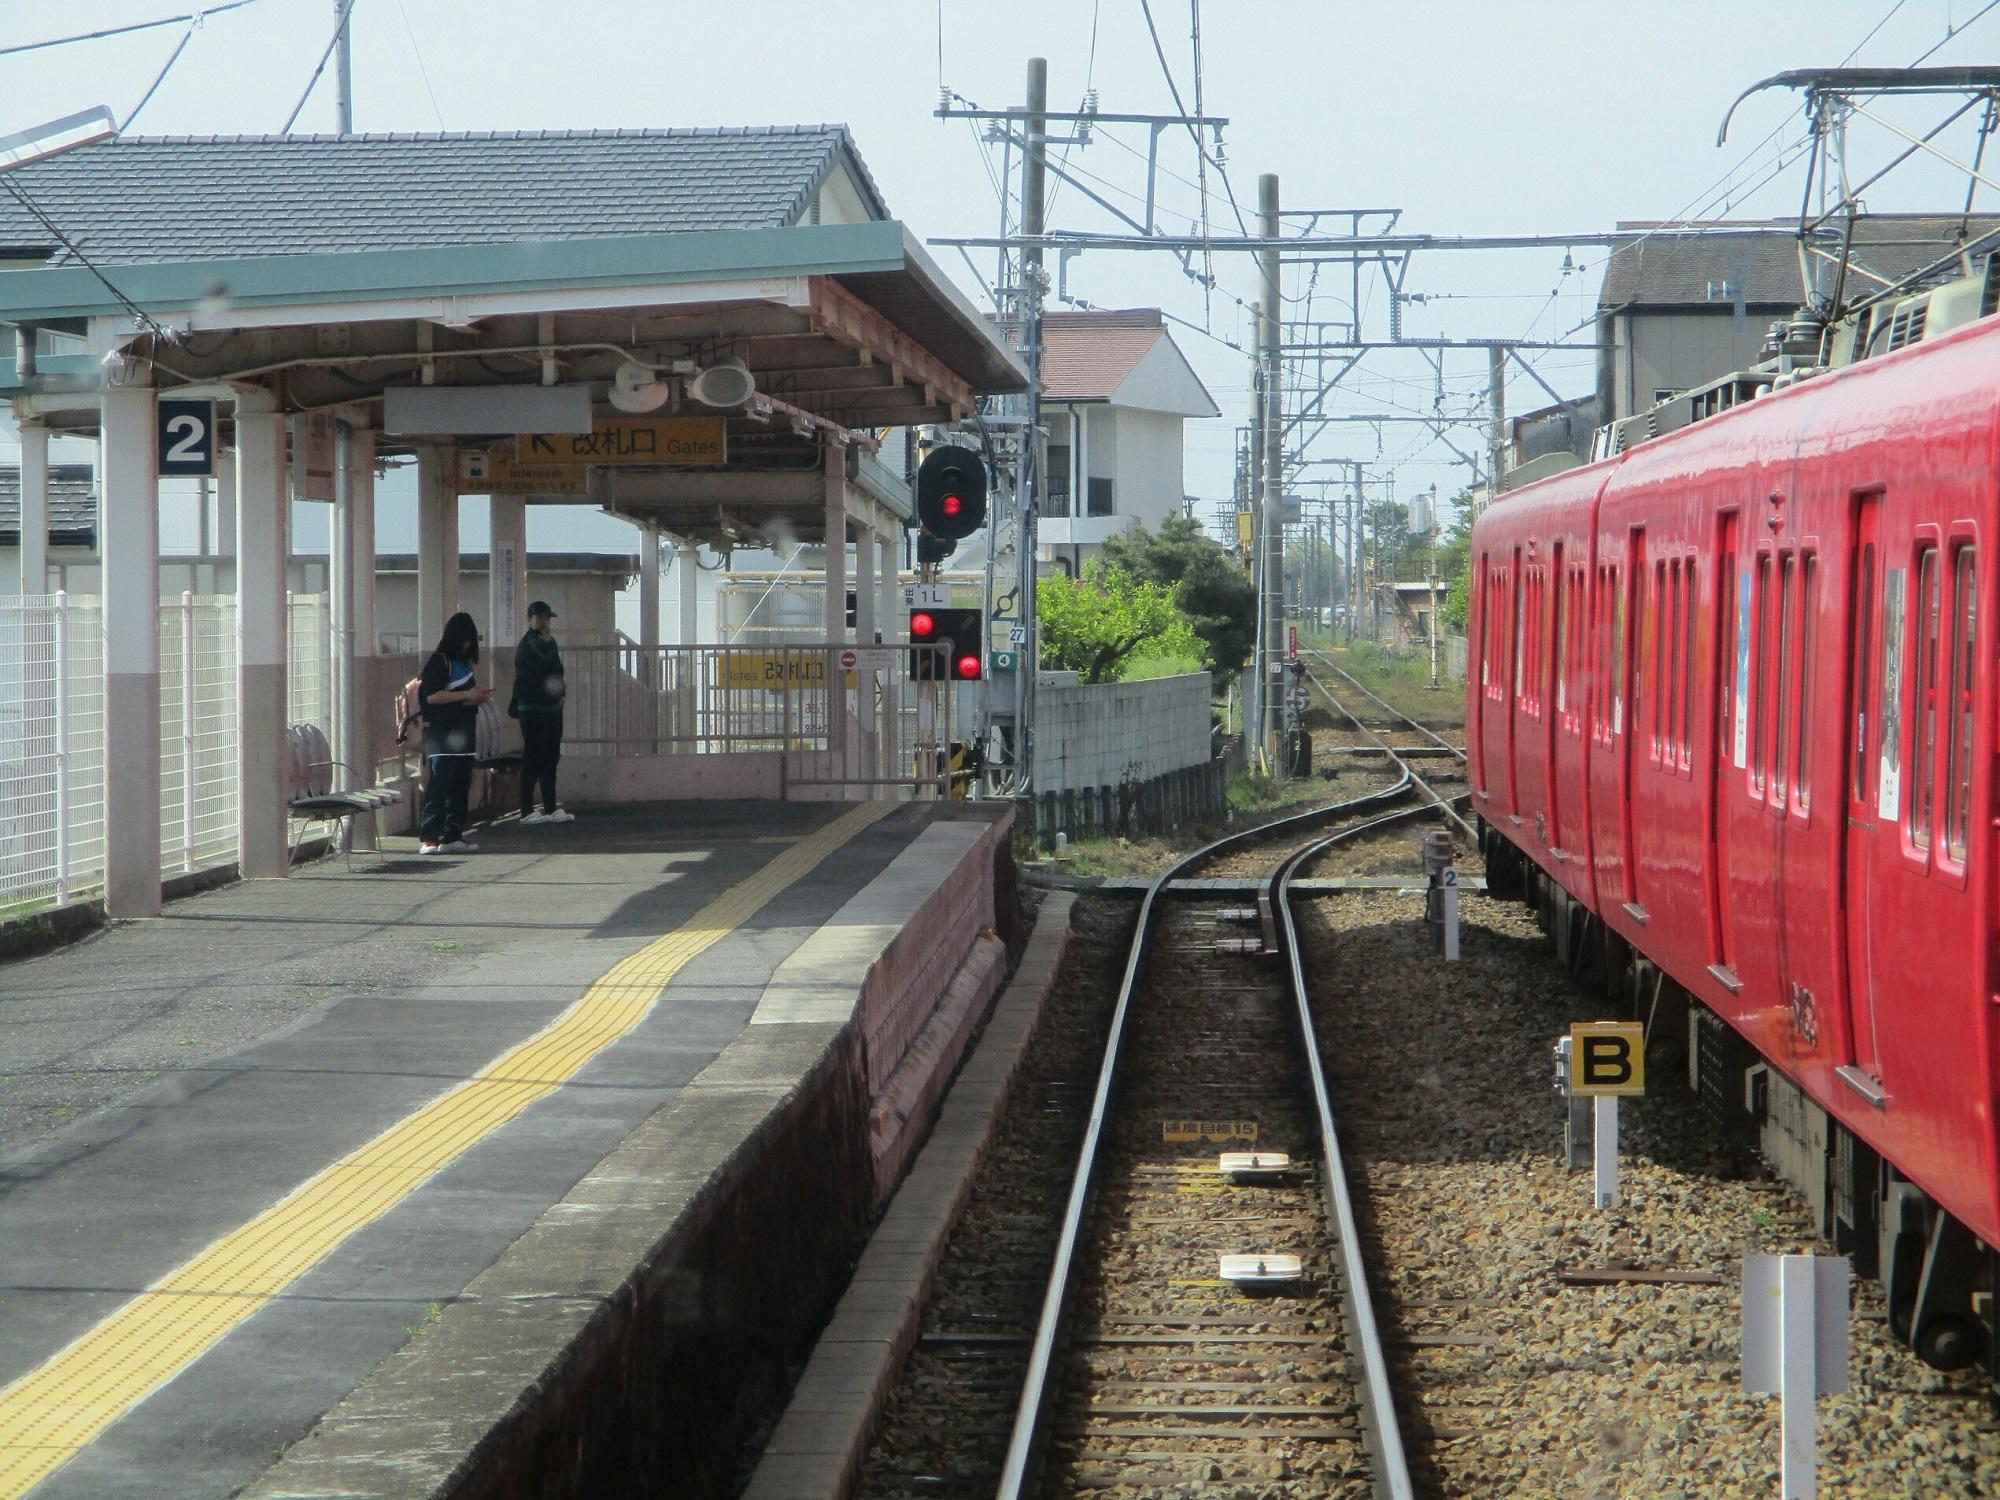 2019.5.3 (15) 吉良吉田いき急行 - 上横須賀(佐屋いき急行) 2000-1500